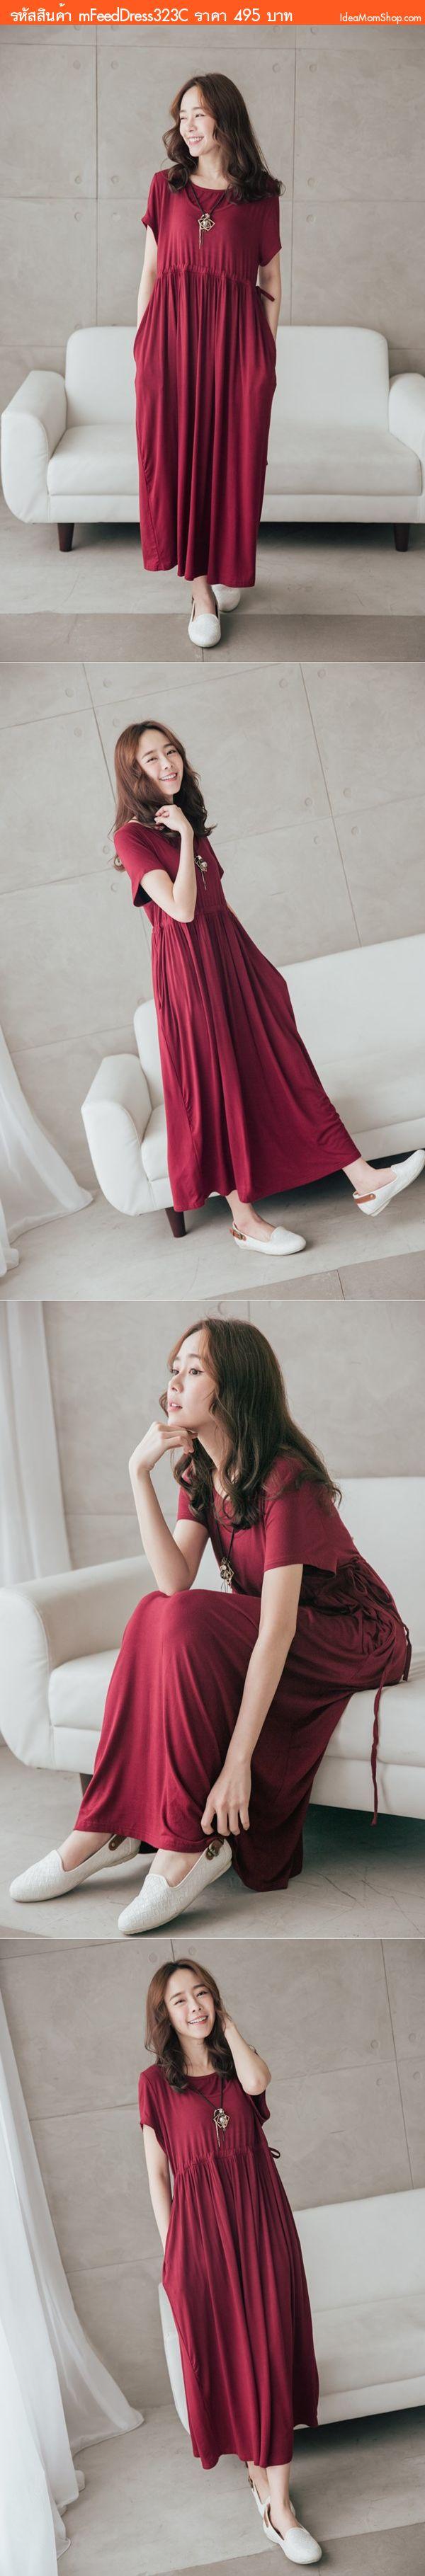 แม็กซี่เดรสคลุมท้องให้นม Korea Fashion สีแดง